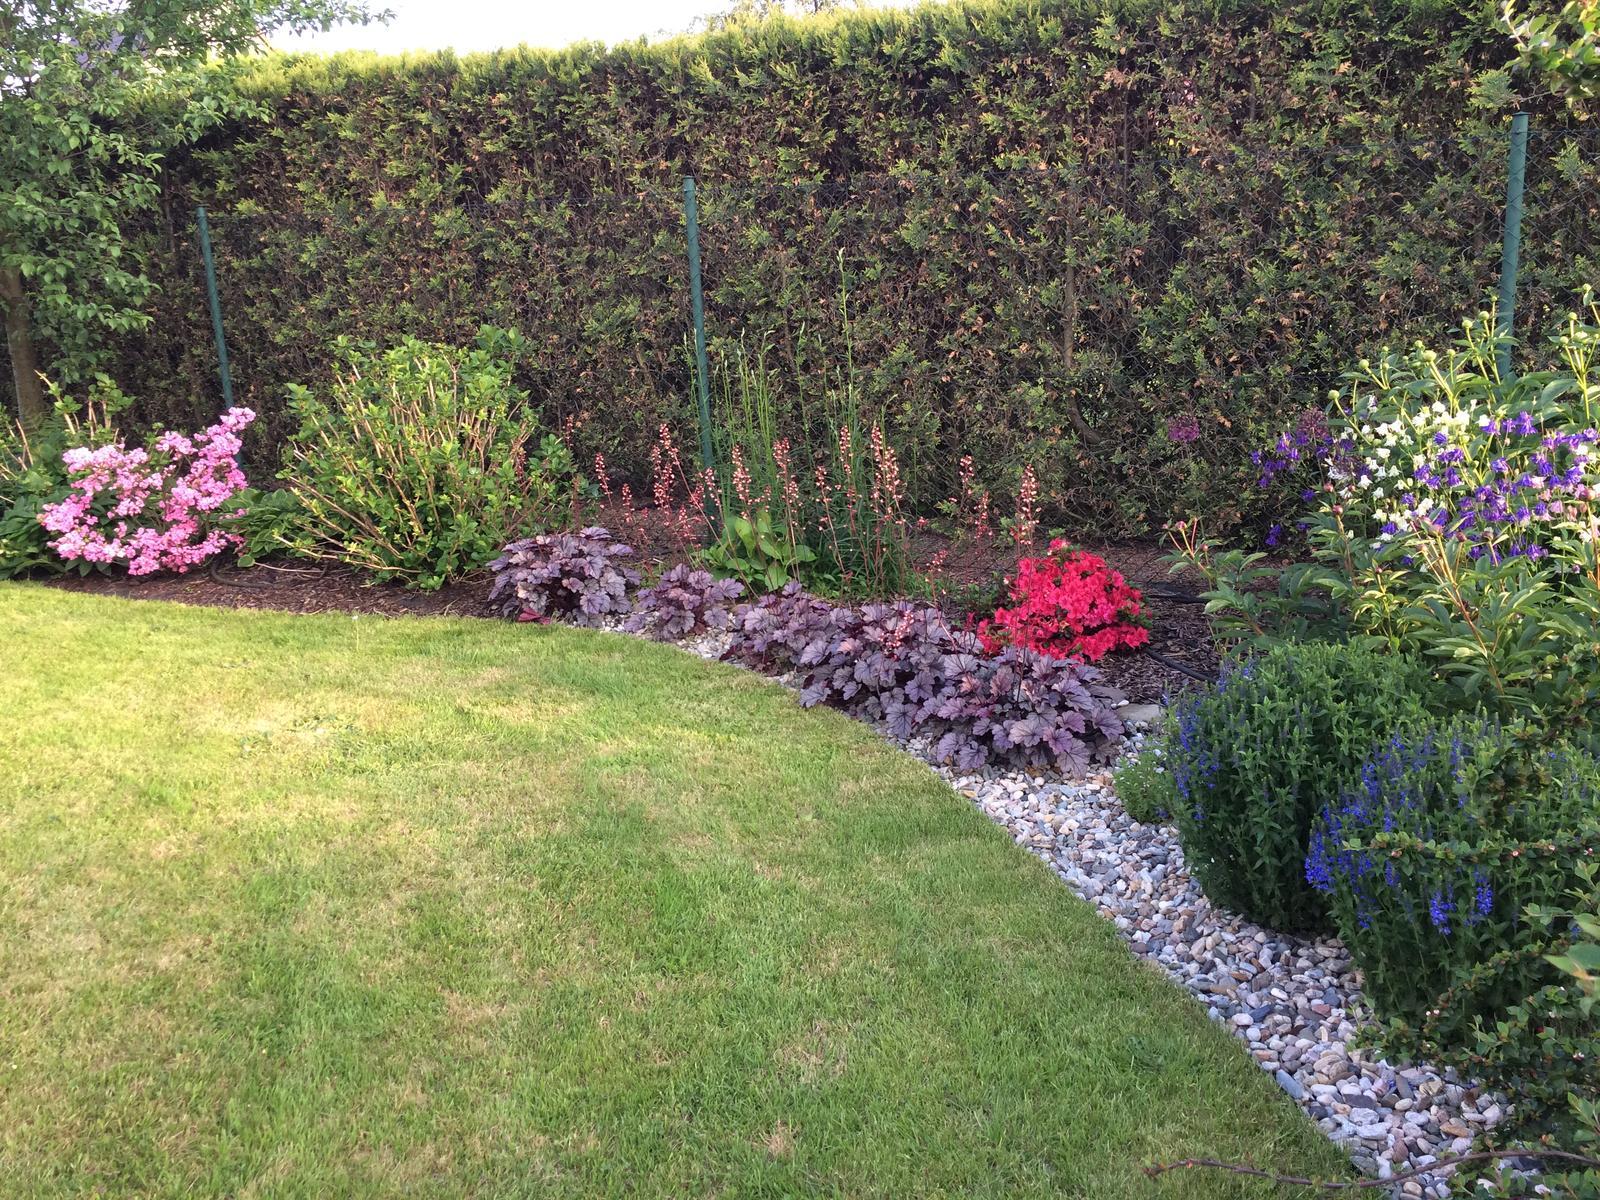 Dům i Zahrada 2019 - Obrázek č. 245